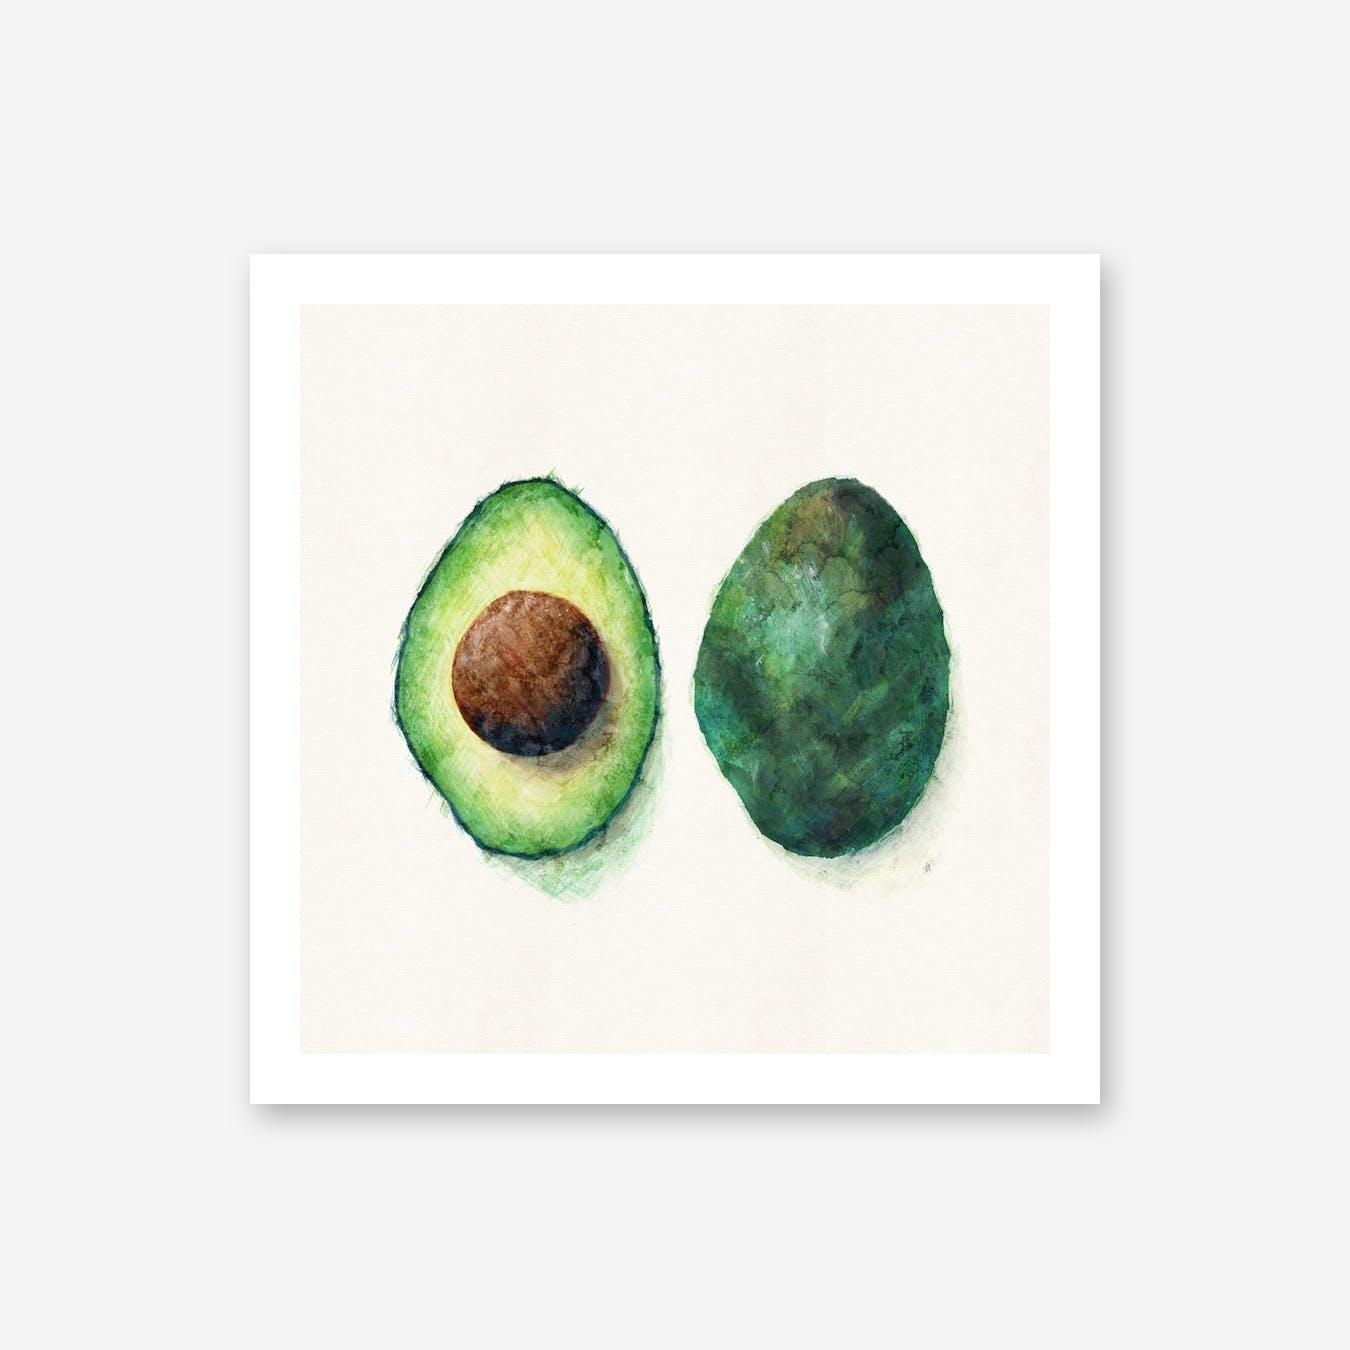 Avocado in Print